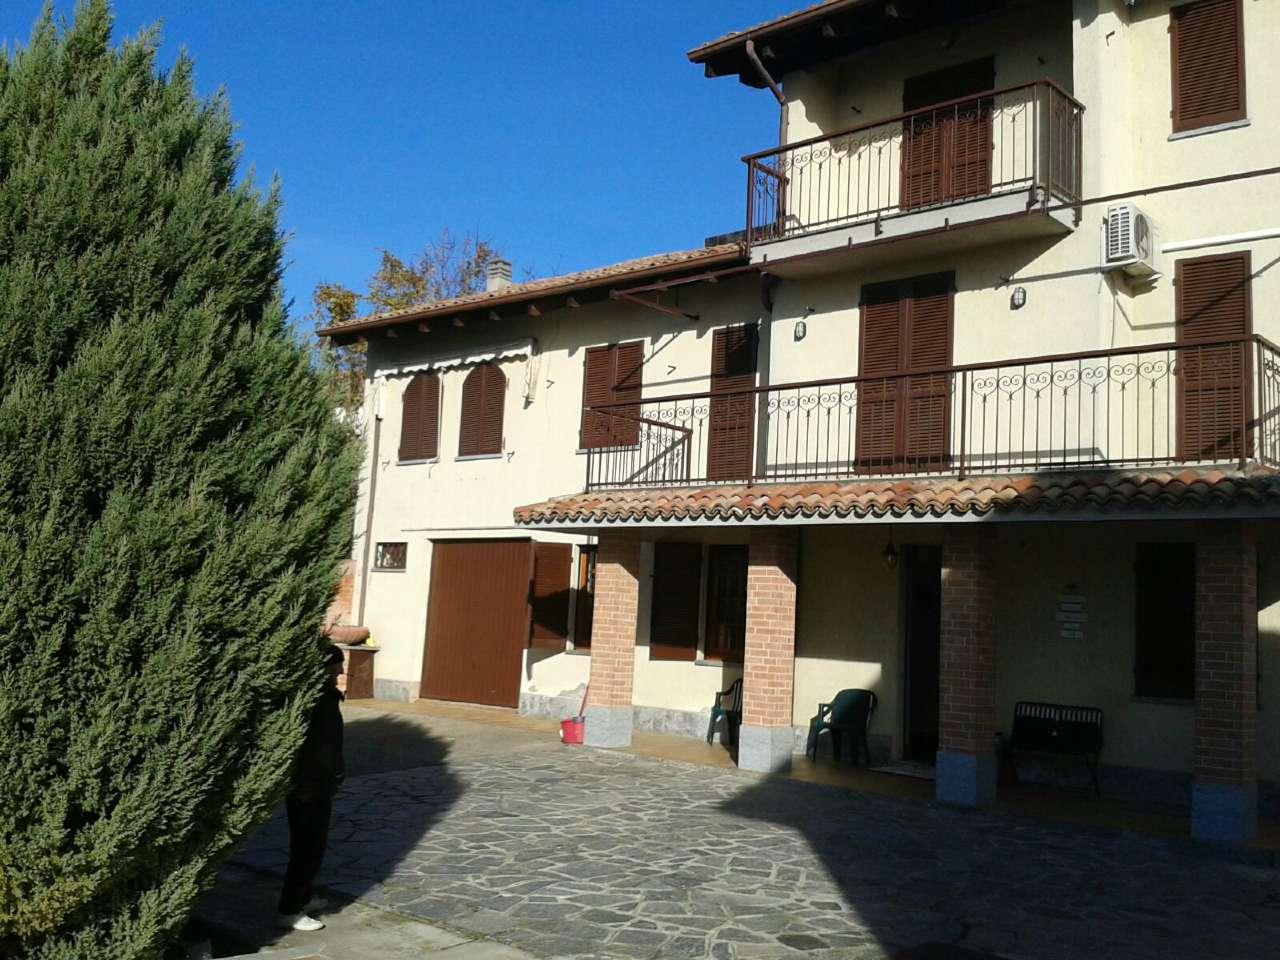 Soluzione Indipendente in vendita a Casorzo, 9 locali, prezzo € 235.000 | Cambio Casa.it